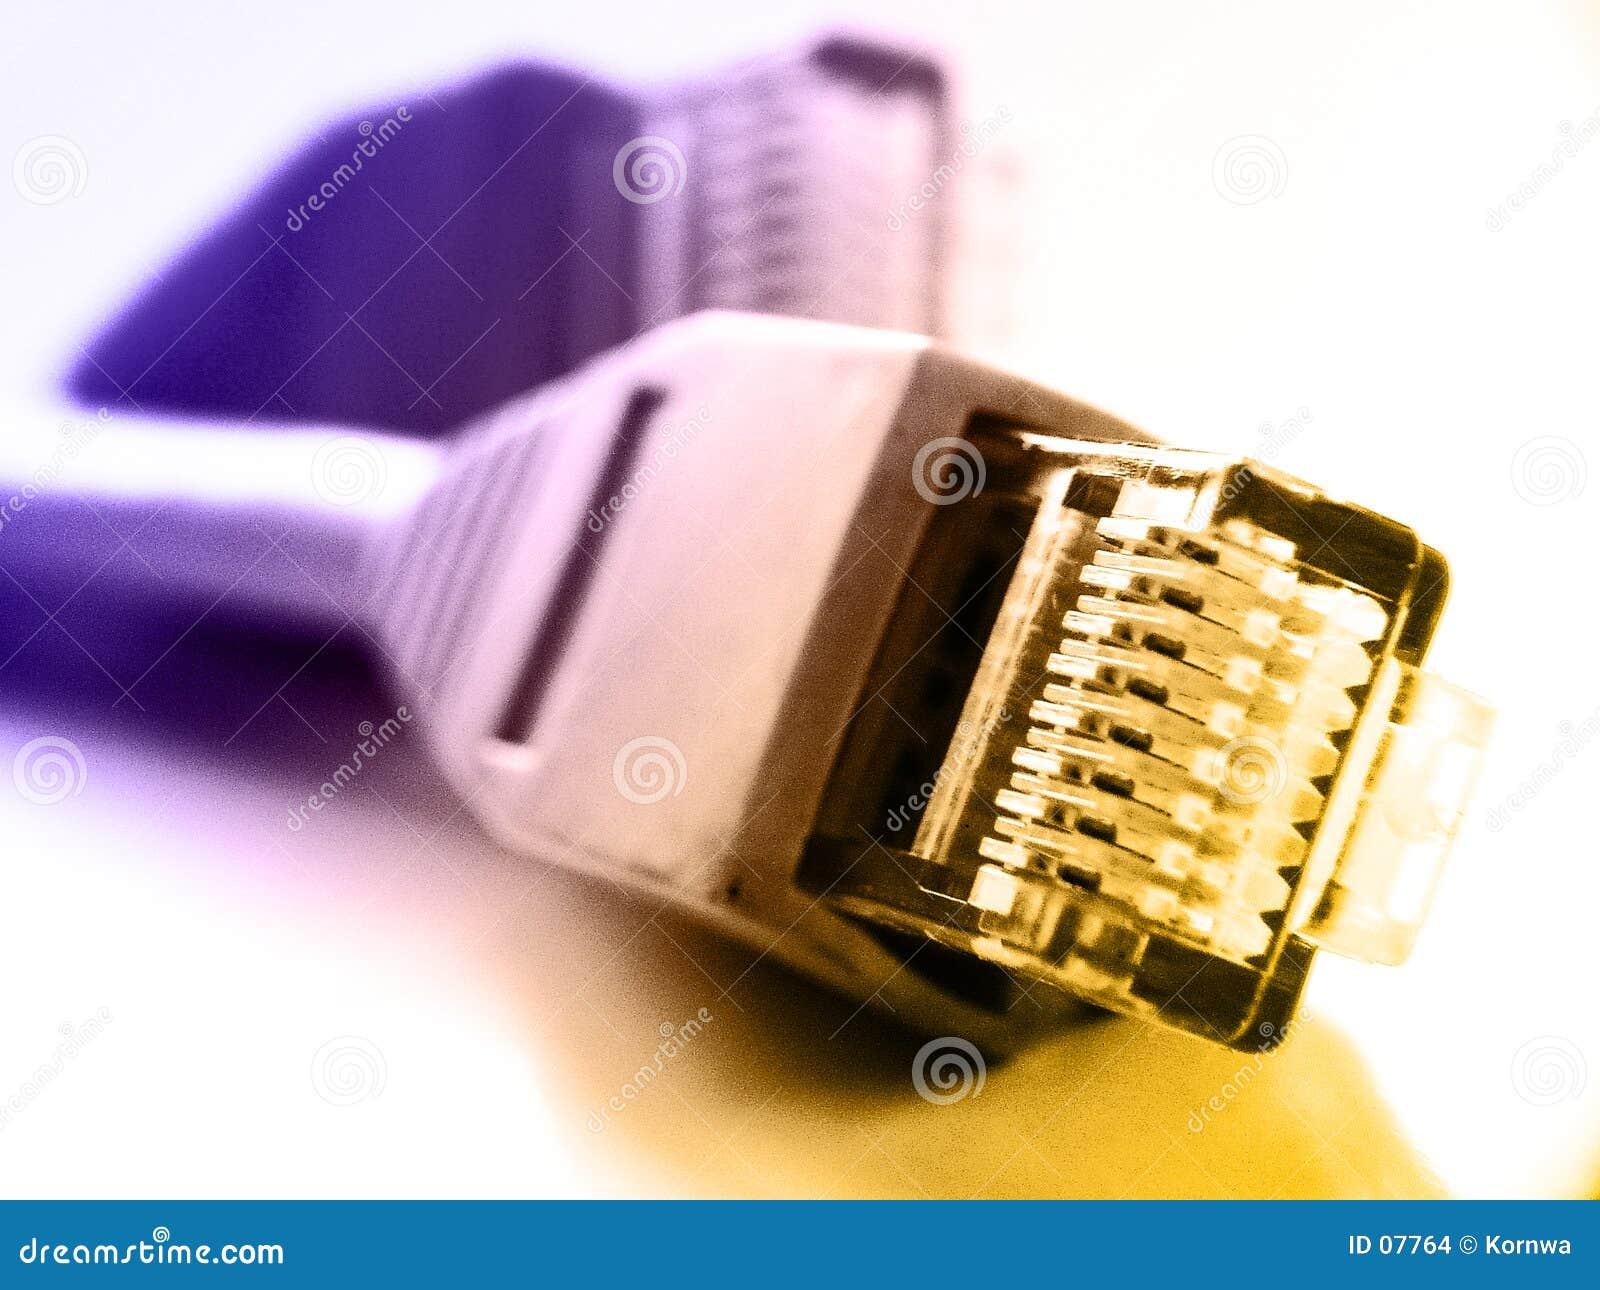 δίκτυο plugins rj45